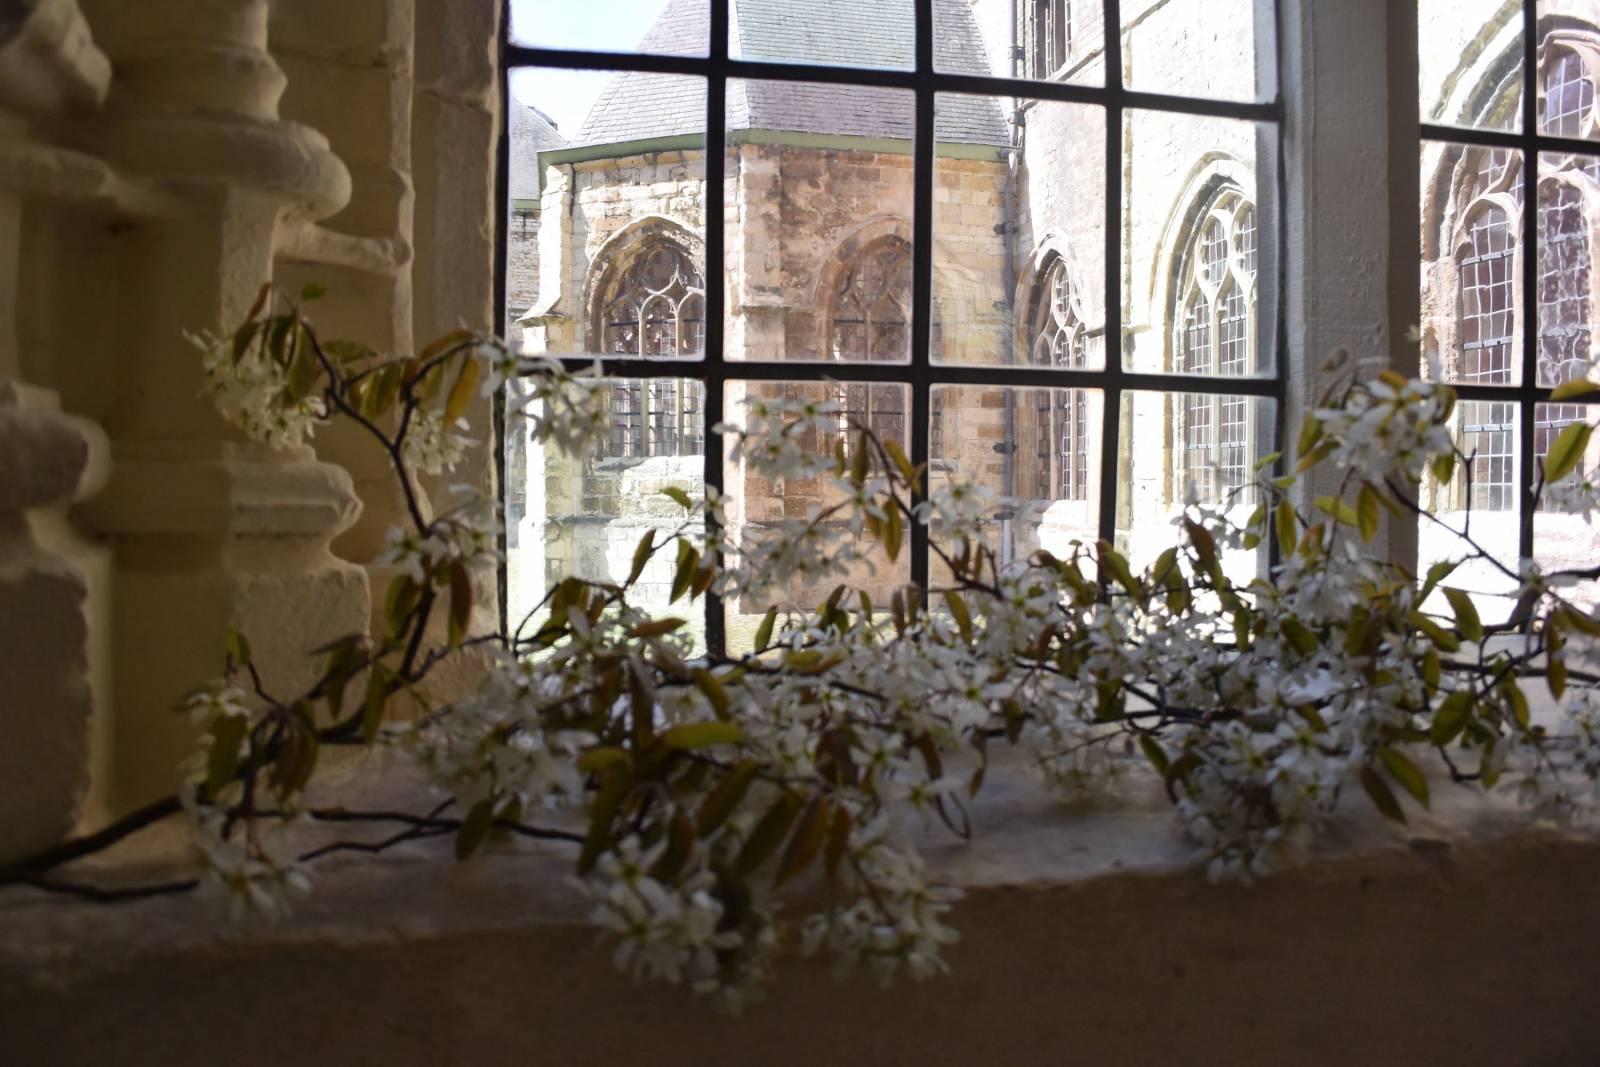 Sint-Pietersabdij - Feestzaal Gent eventlocatie -  House of events (3)